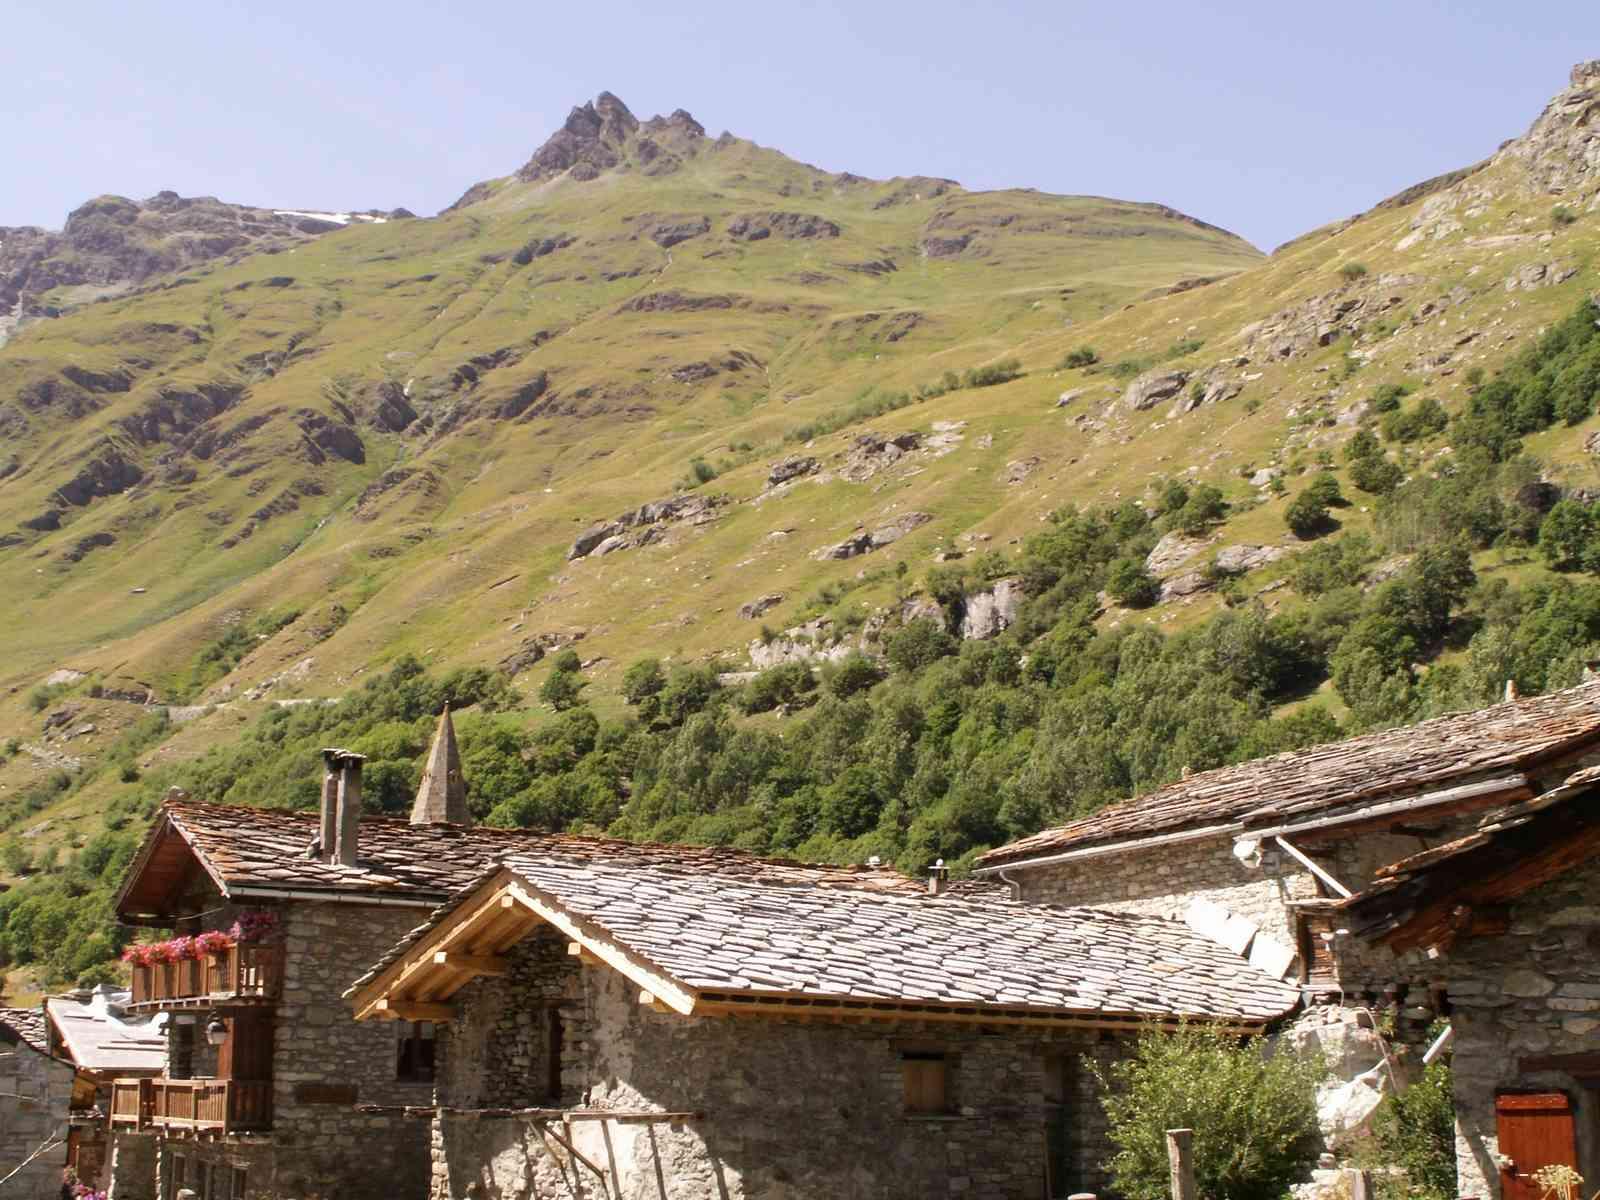 Tour de France virtuel - Les Plus Beaux Villages de France Pict0010